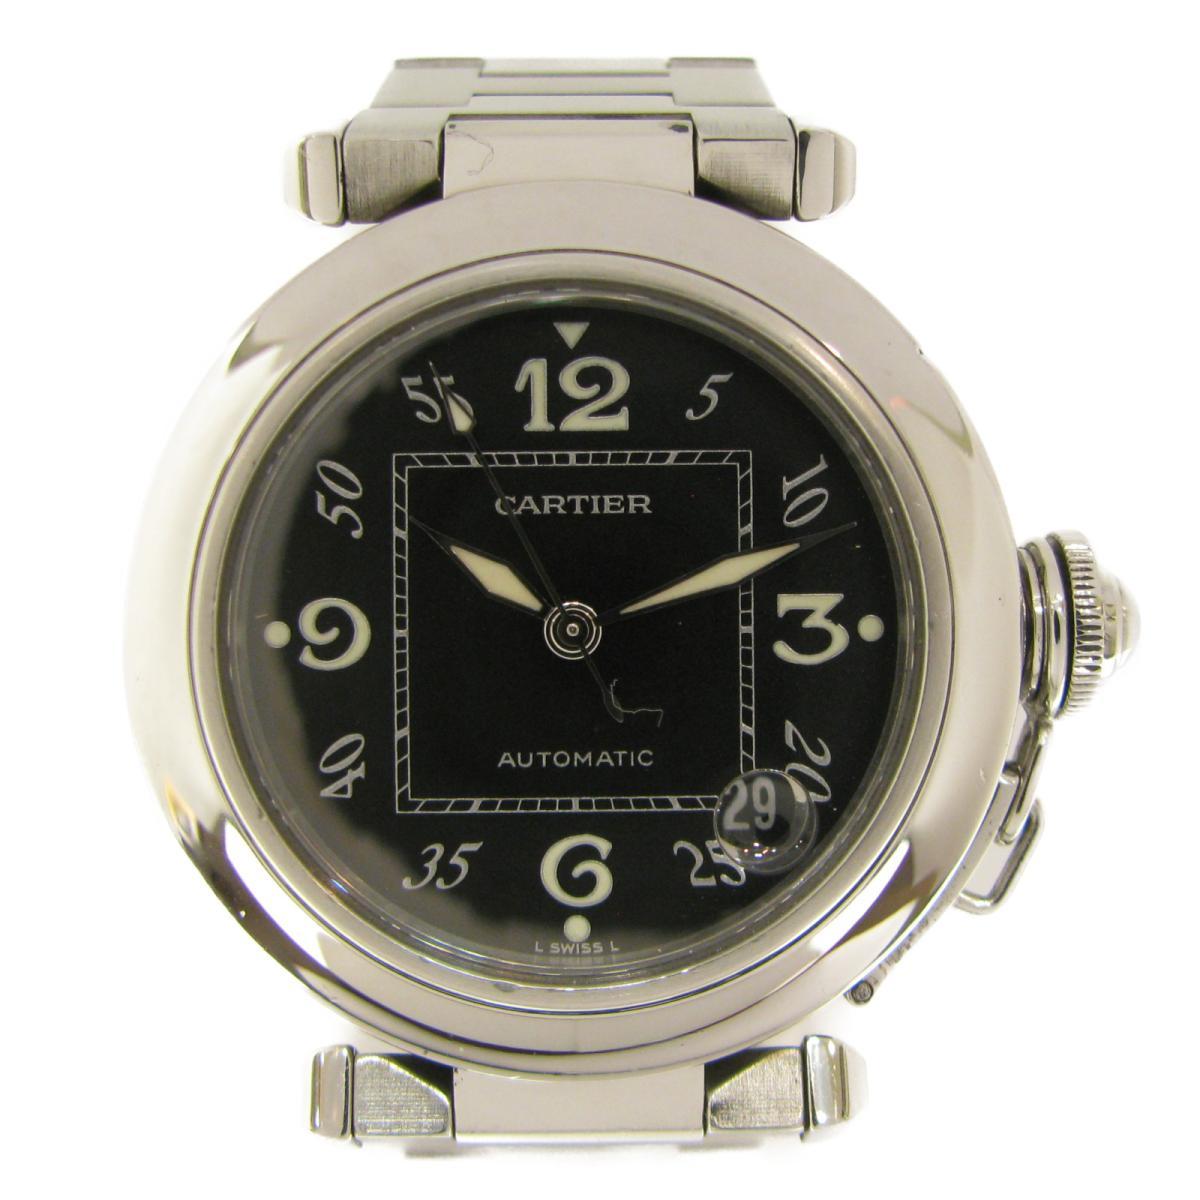 【中古】 カルティエ パシャC 腕時計 ウォッチ メンズ ステンレススチール (SS) (W31043M7) | Cartier BRANDOFF ブランドオフ ブランド ブランド時計 ブランド腕時計 時計